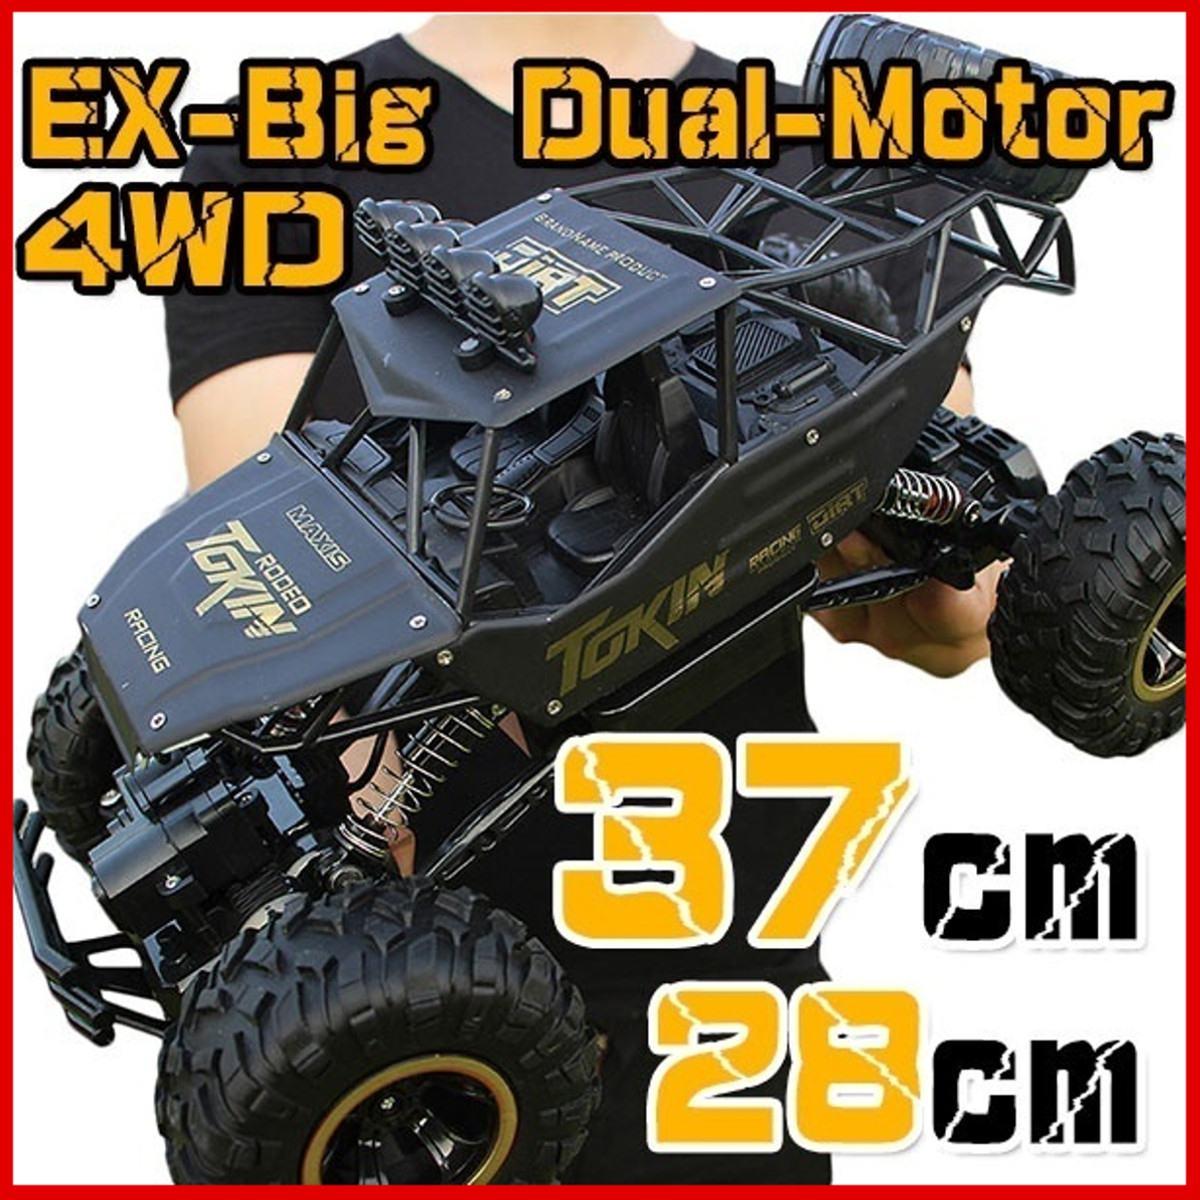 1:12 4WD RC سيارة نسخة محدثة 2.4G راديو التحكم RC سيارات لعب التحكم عن بعد سيارة الشاحنات على الطرق الوعرة الشاحنات الفتيان لعب للأطفال